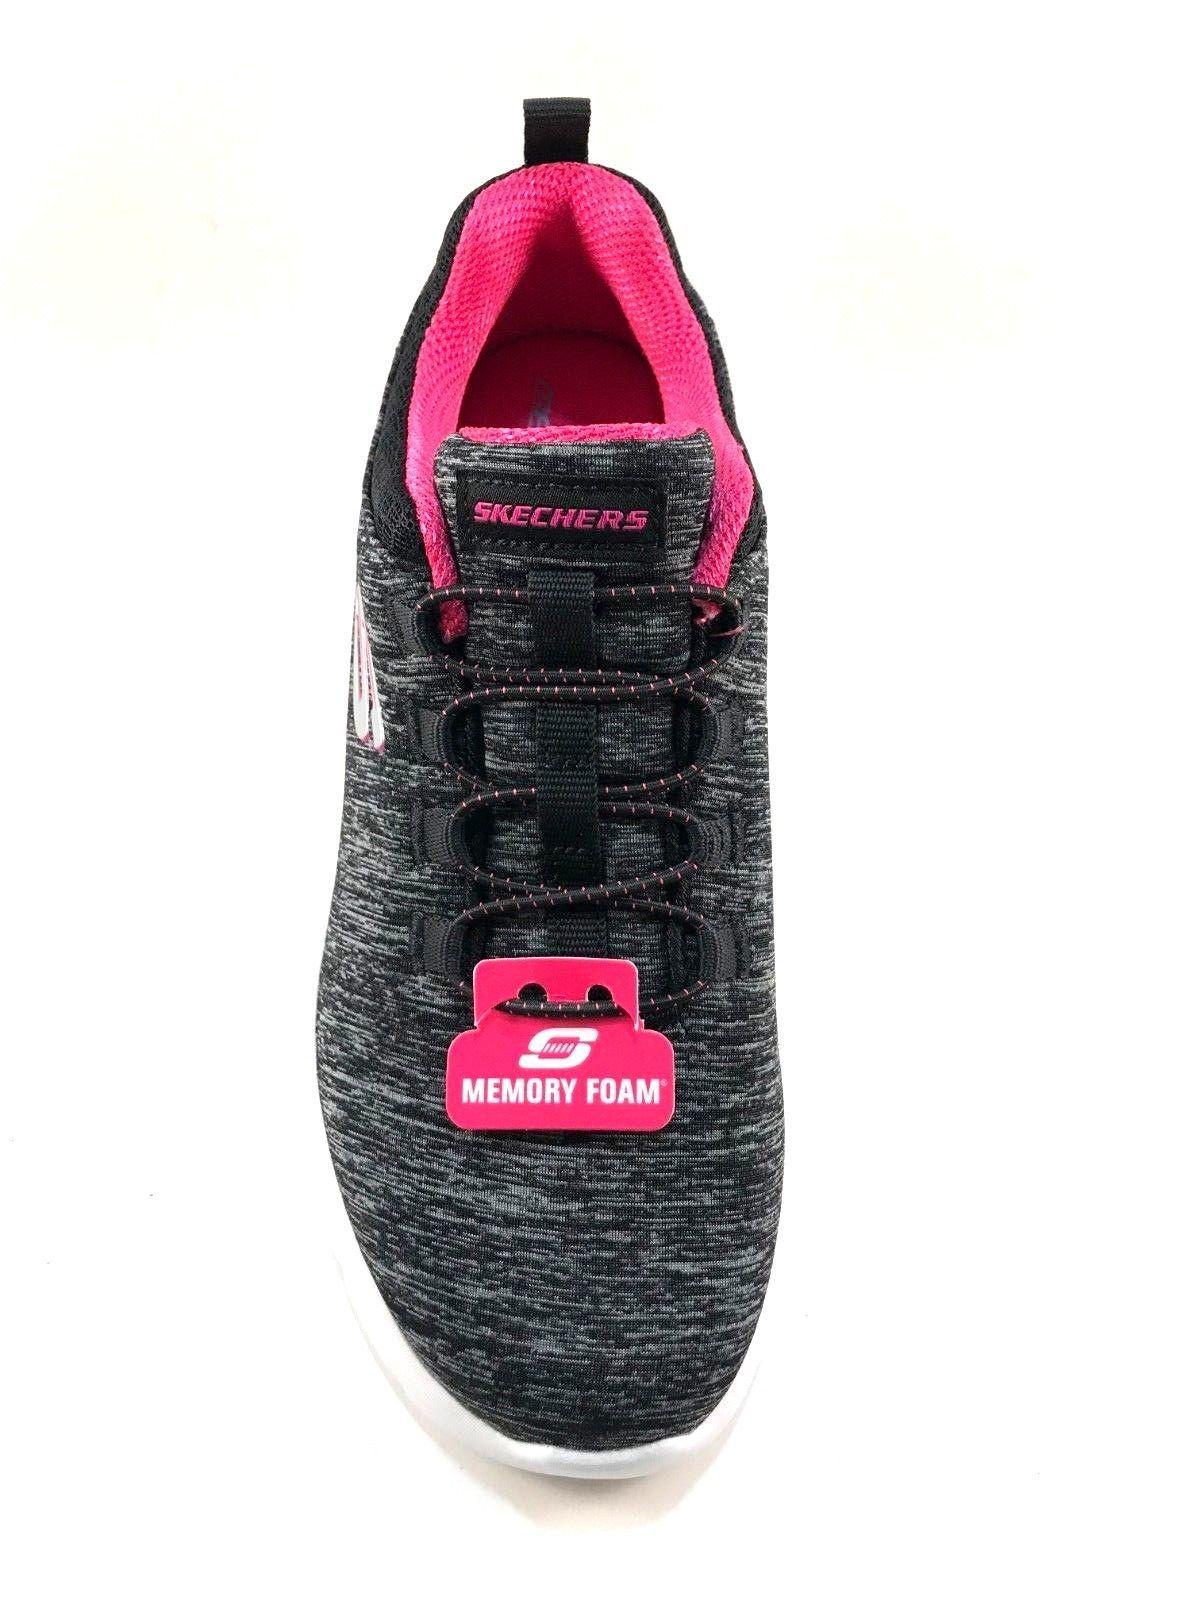 Skechers 12965 Black/Hot Pink Memory Foam Slip On Sneakers